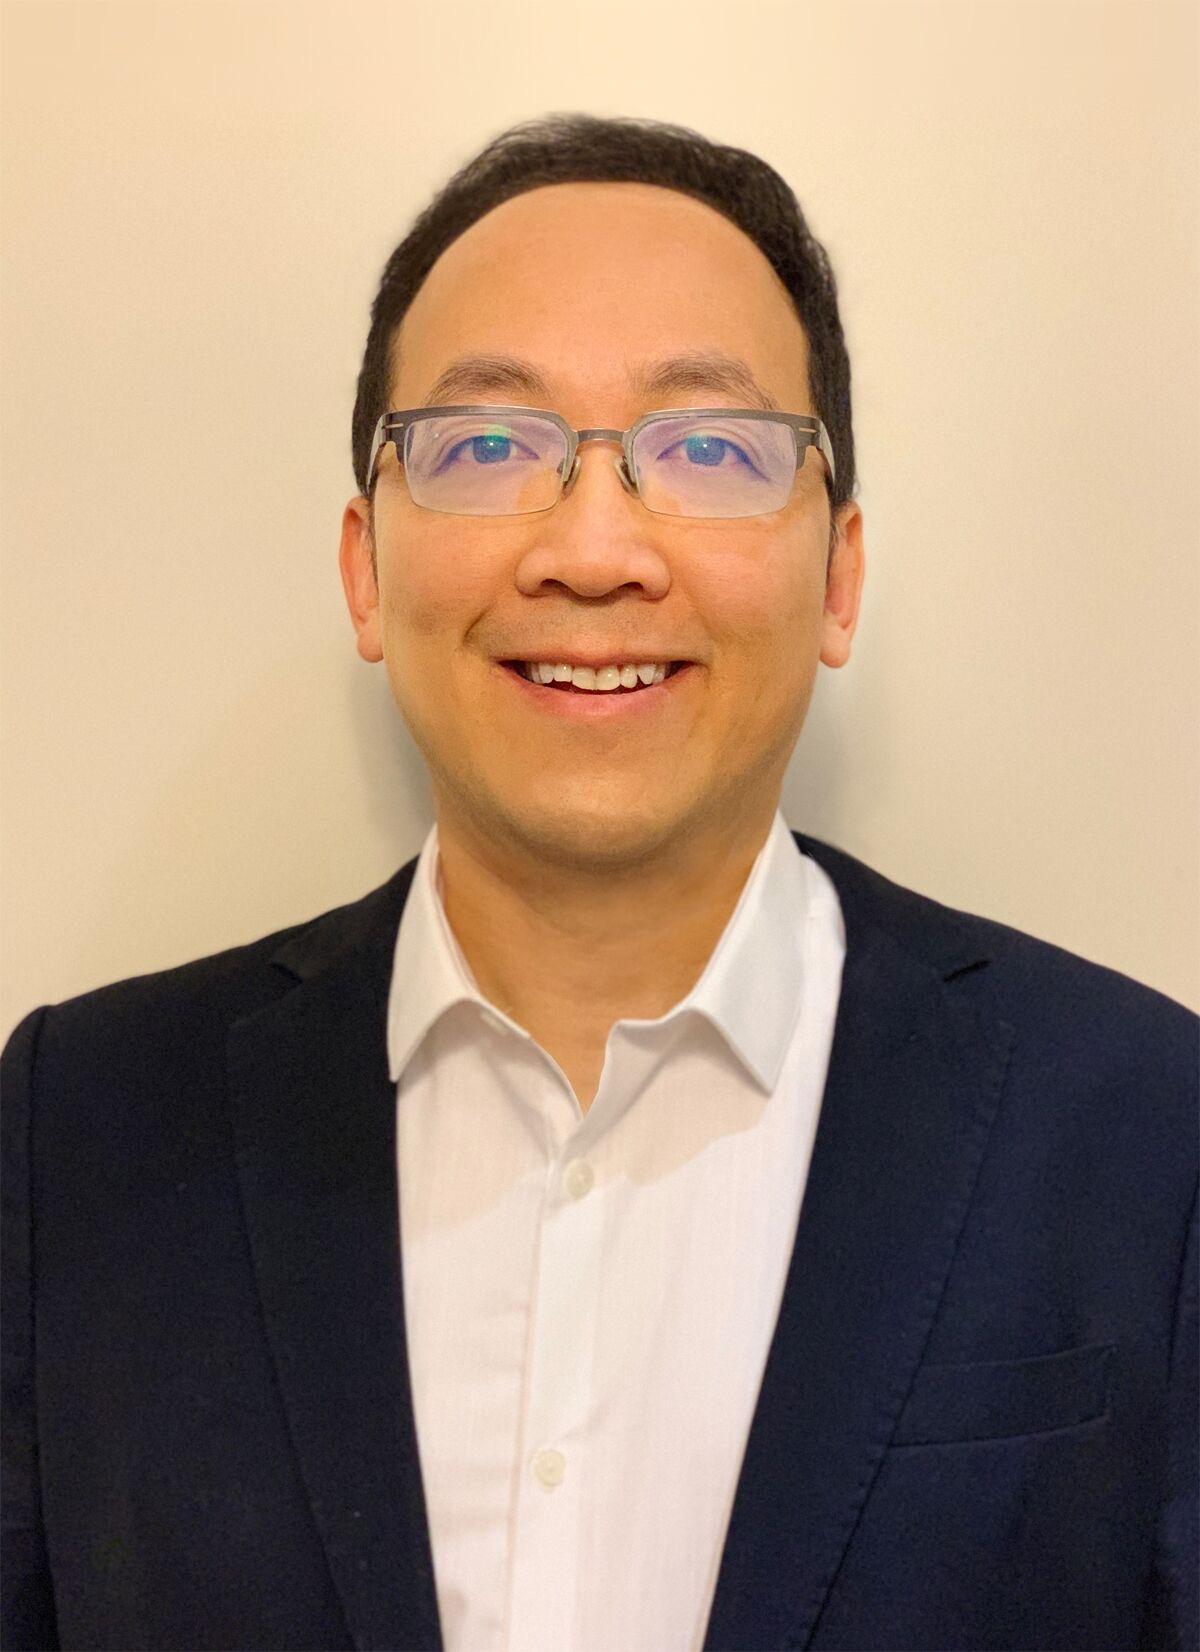 Jeff Leung